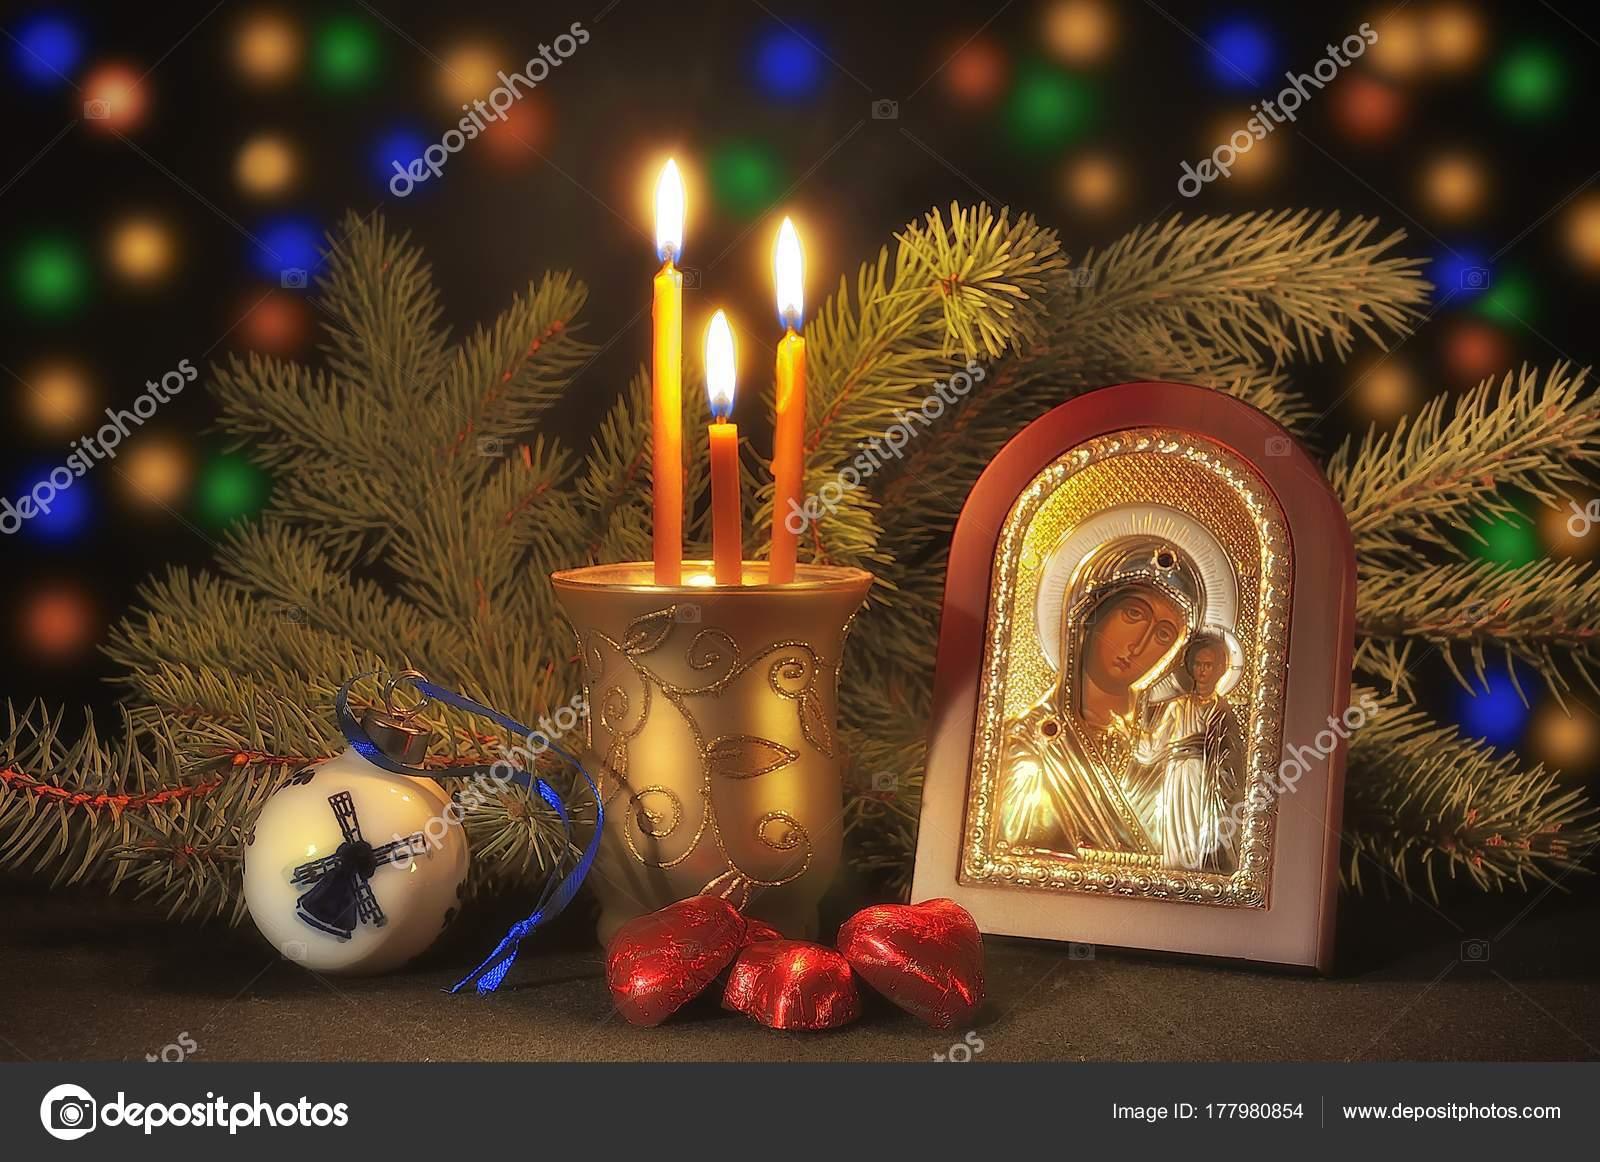 Glückwünsche Zu Weihnachten.Neujahr Karte Glückwünsche Für Weihnachten Und Silvester Stockfoto